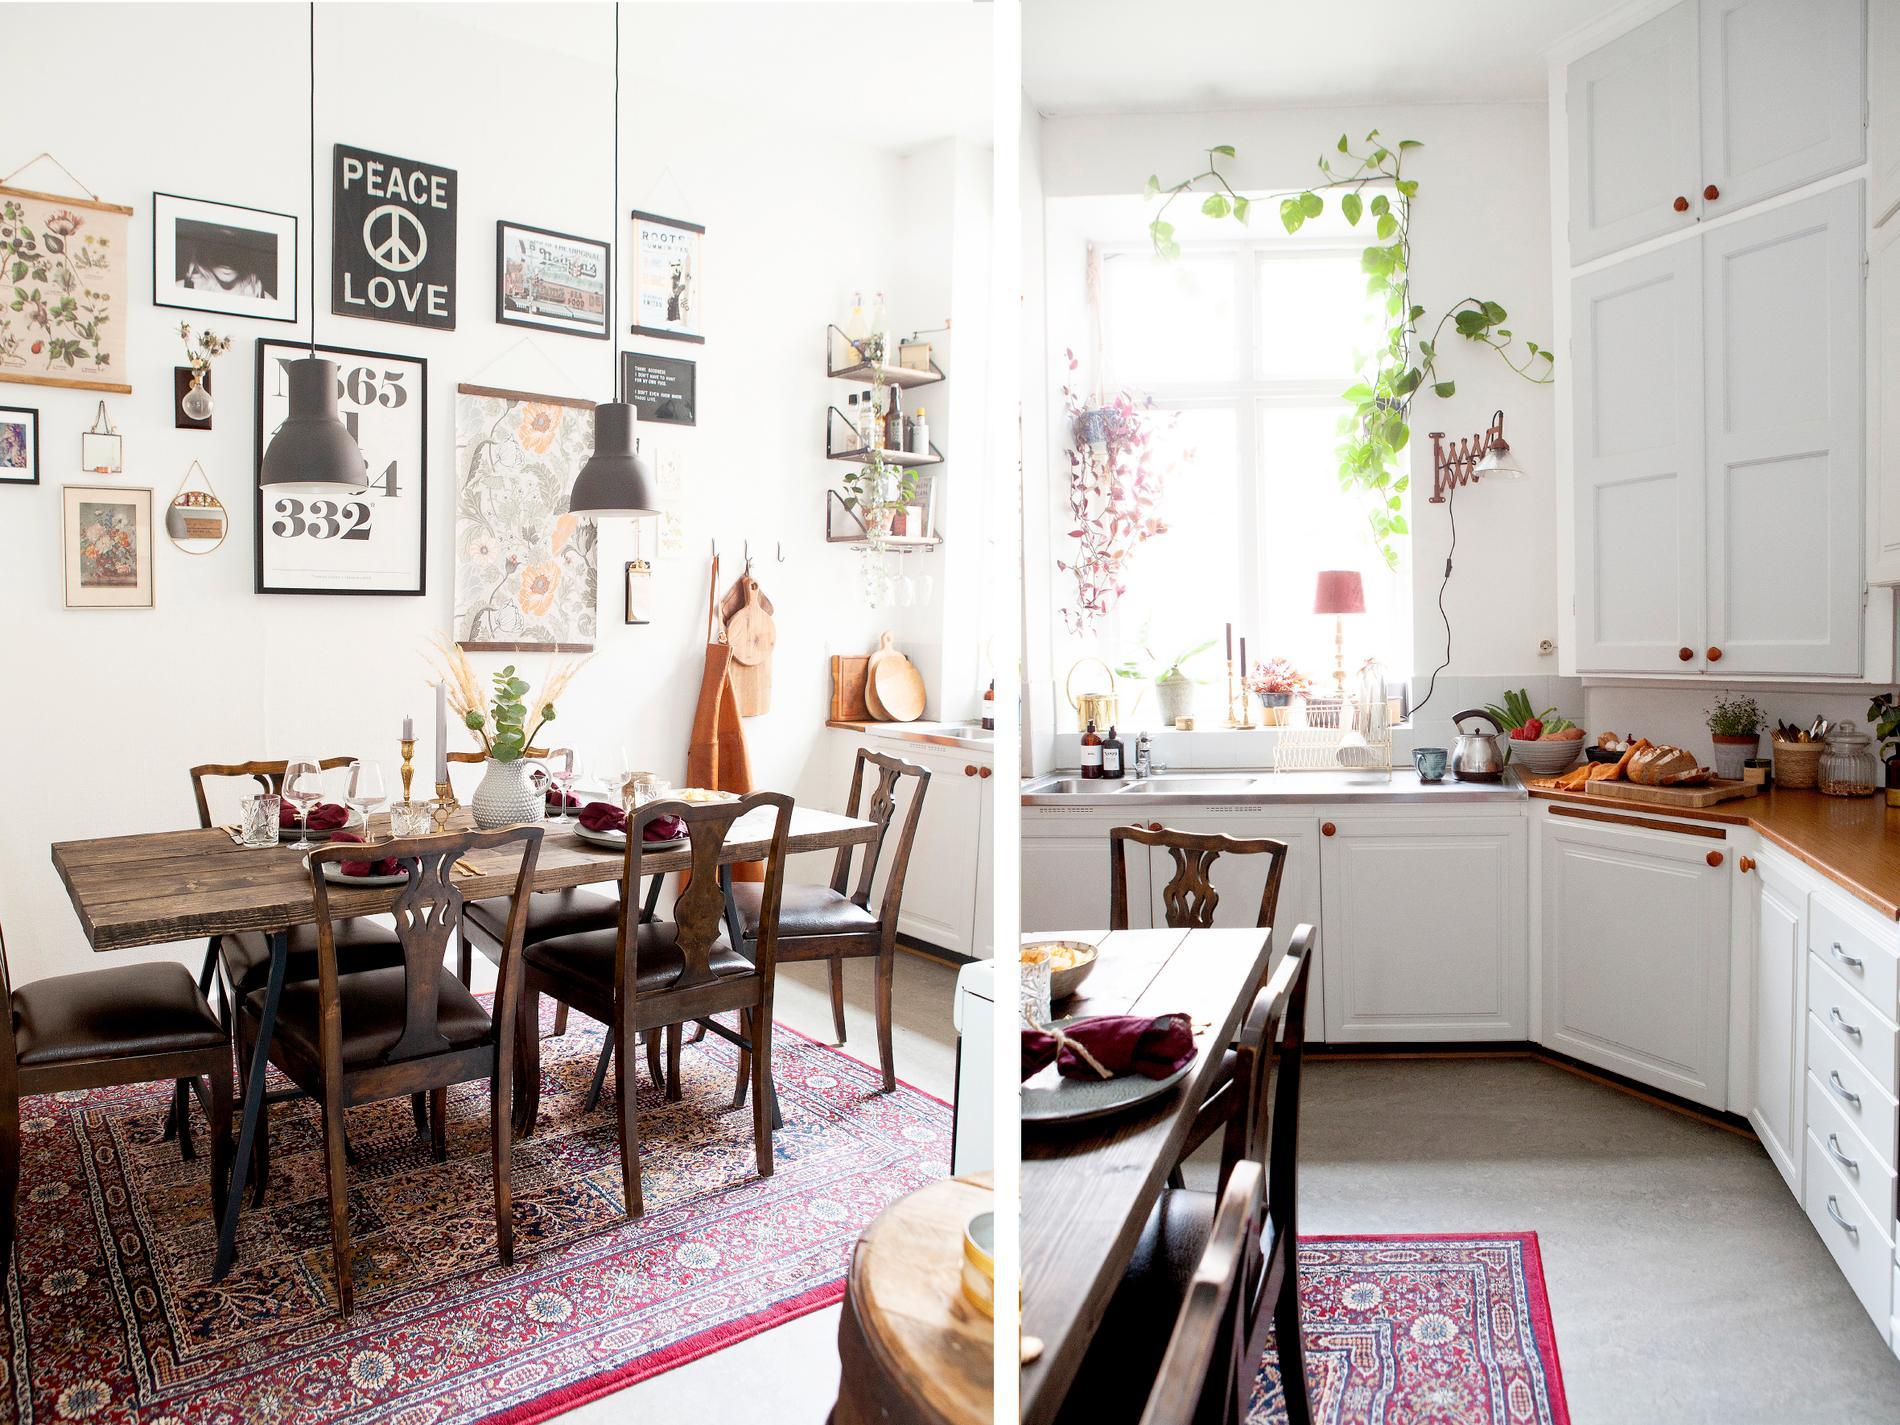 """Bild 1: Välkommen in i köket. Paret har själva byggt bordet av breda plankor som de sedan betsat. Bockbenen kommer från Ikea. Stolar från loppis. """"Tavelväg-gen är en spretig samling av sådant vi förälskat oss i, som loppisfynd, arvegods eller gåvor"""", säger Lizette. Taklampor och matta från Ikea. Bild 2: Flödande ljus i köket. Överskåpet i hörnet är original från när lägenheten byggdes 1909. Resten av köket har bytts av tidigare boenden i lägenheten. Fönsterlampan är köpt på loppis."""